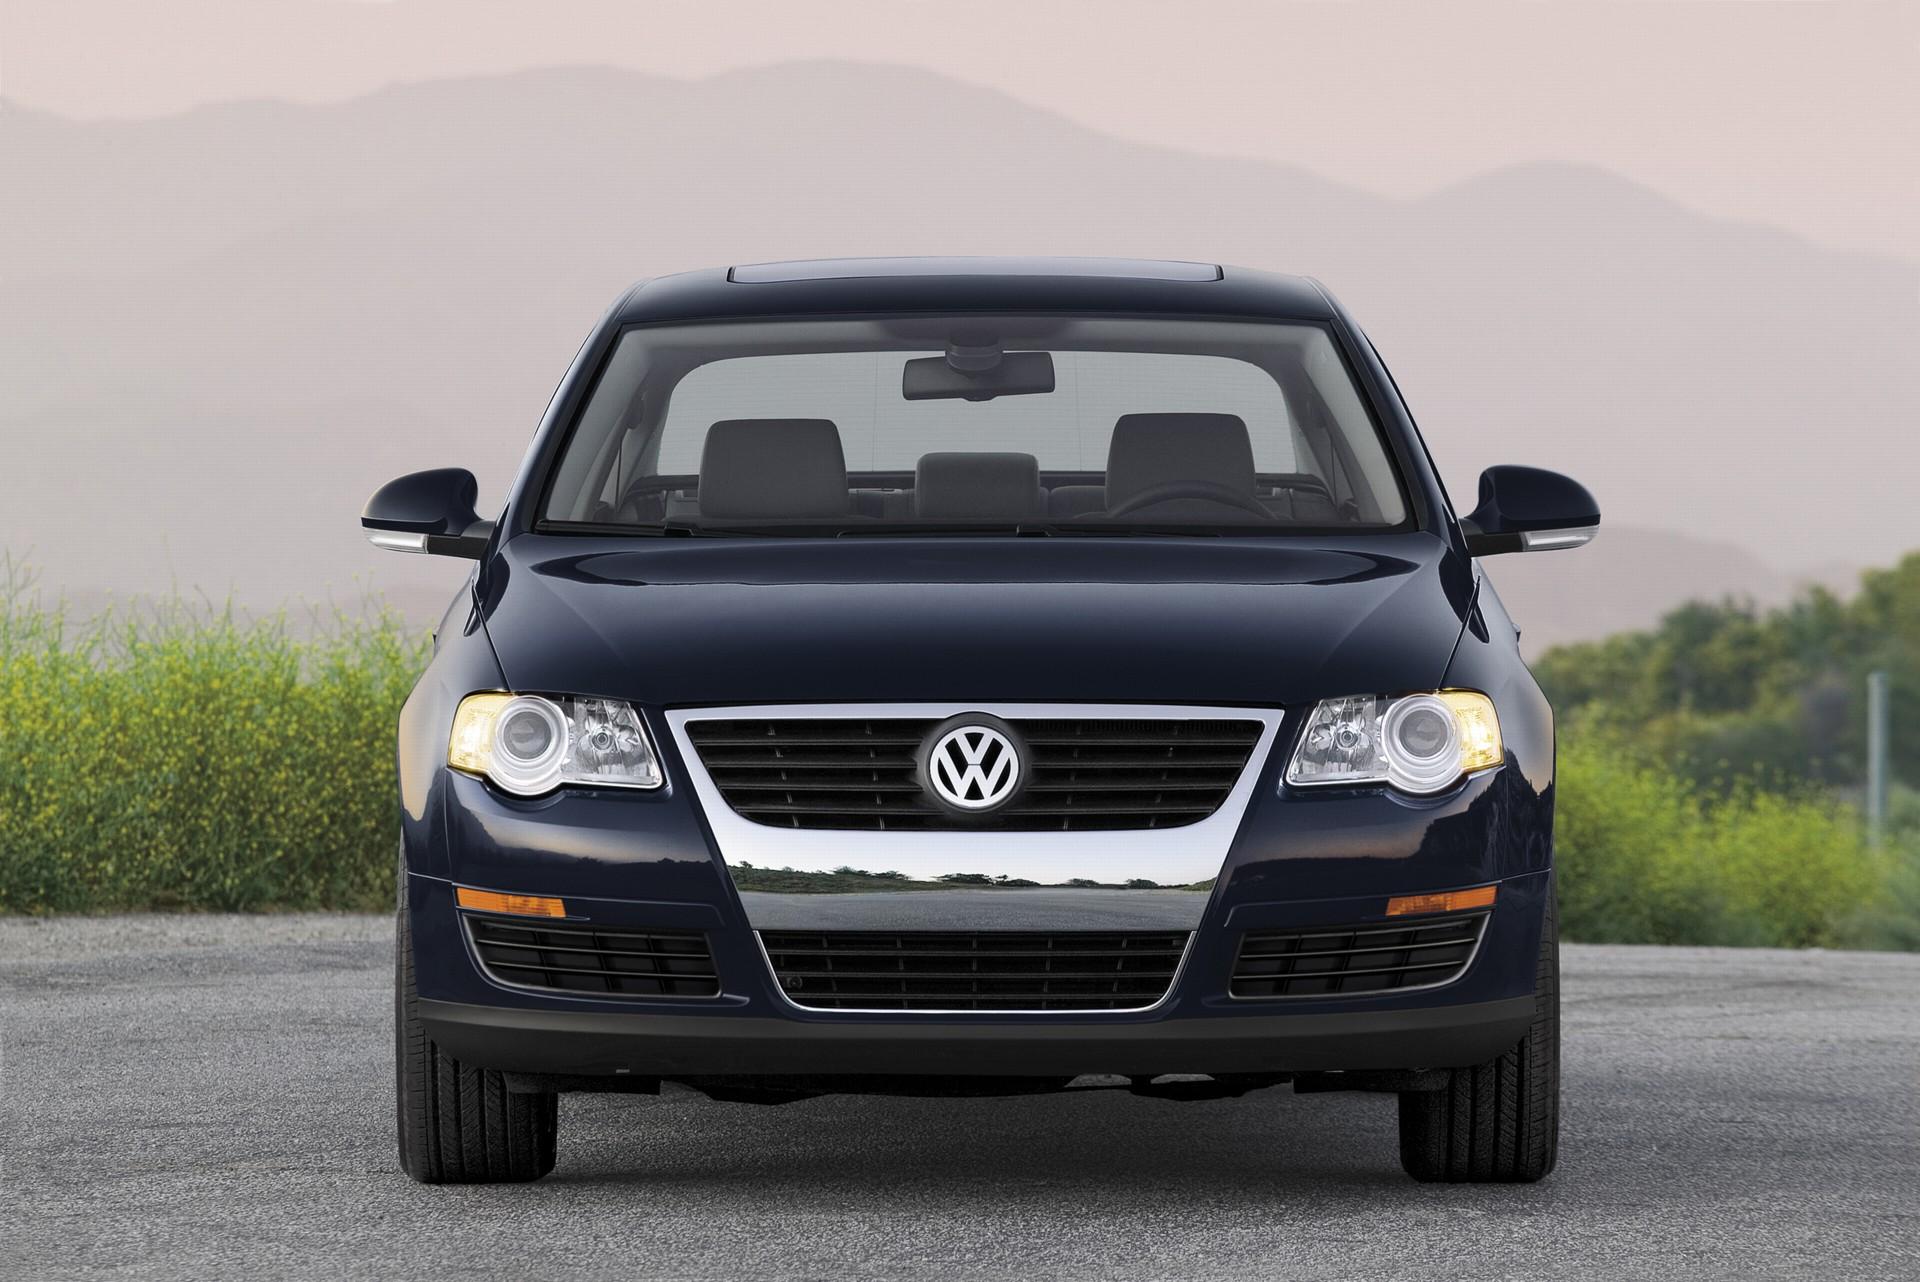 Почти 300 000 автомобилей Volkswagen имеют проблемы с топливной системой 1